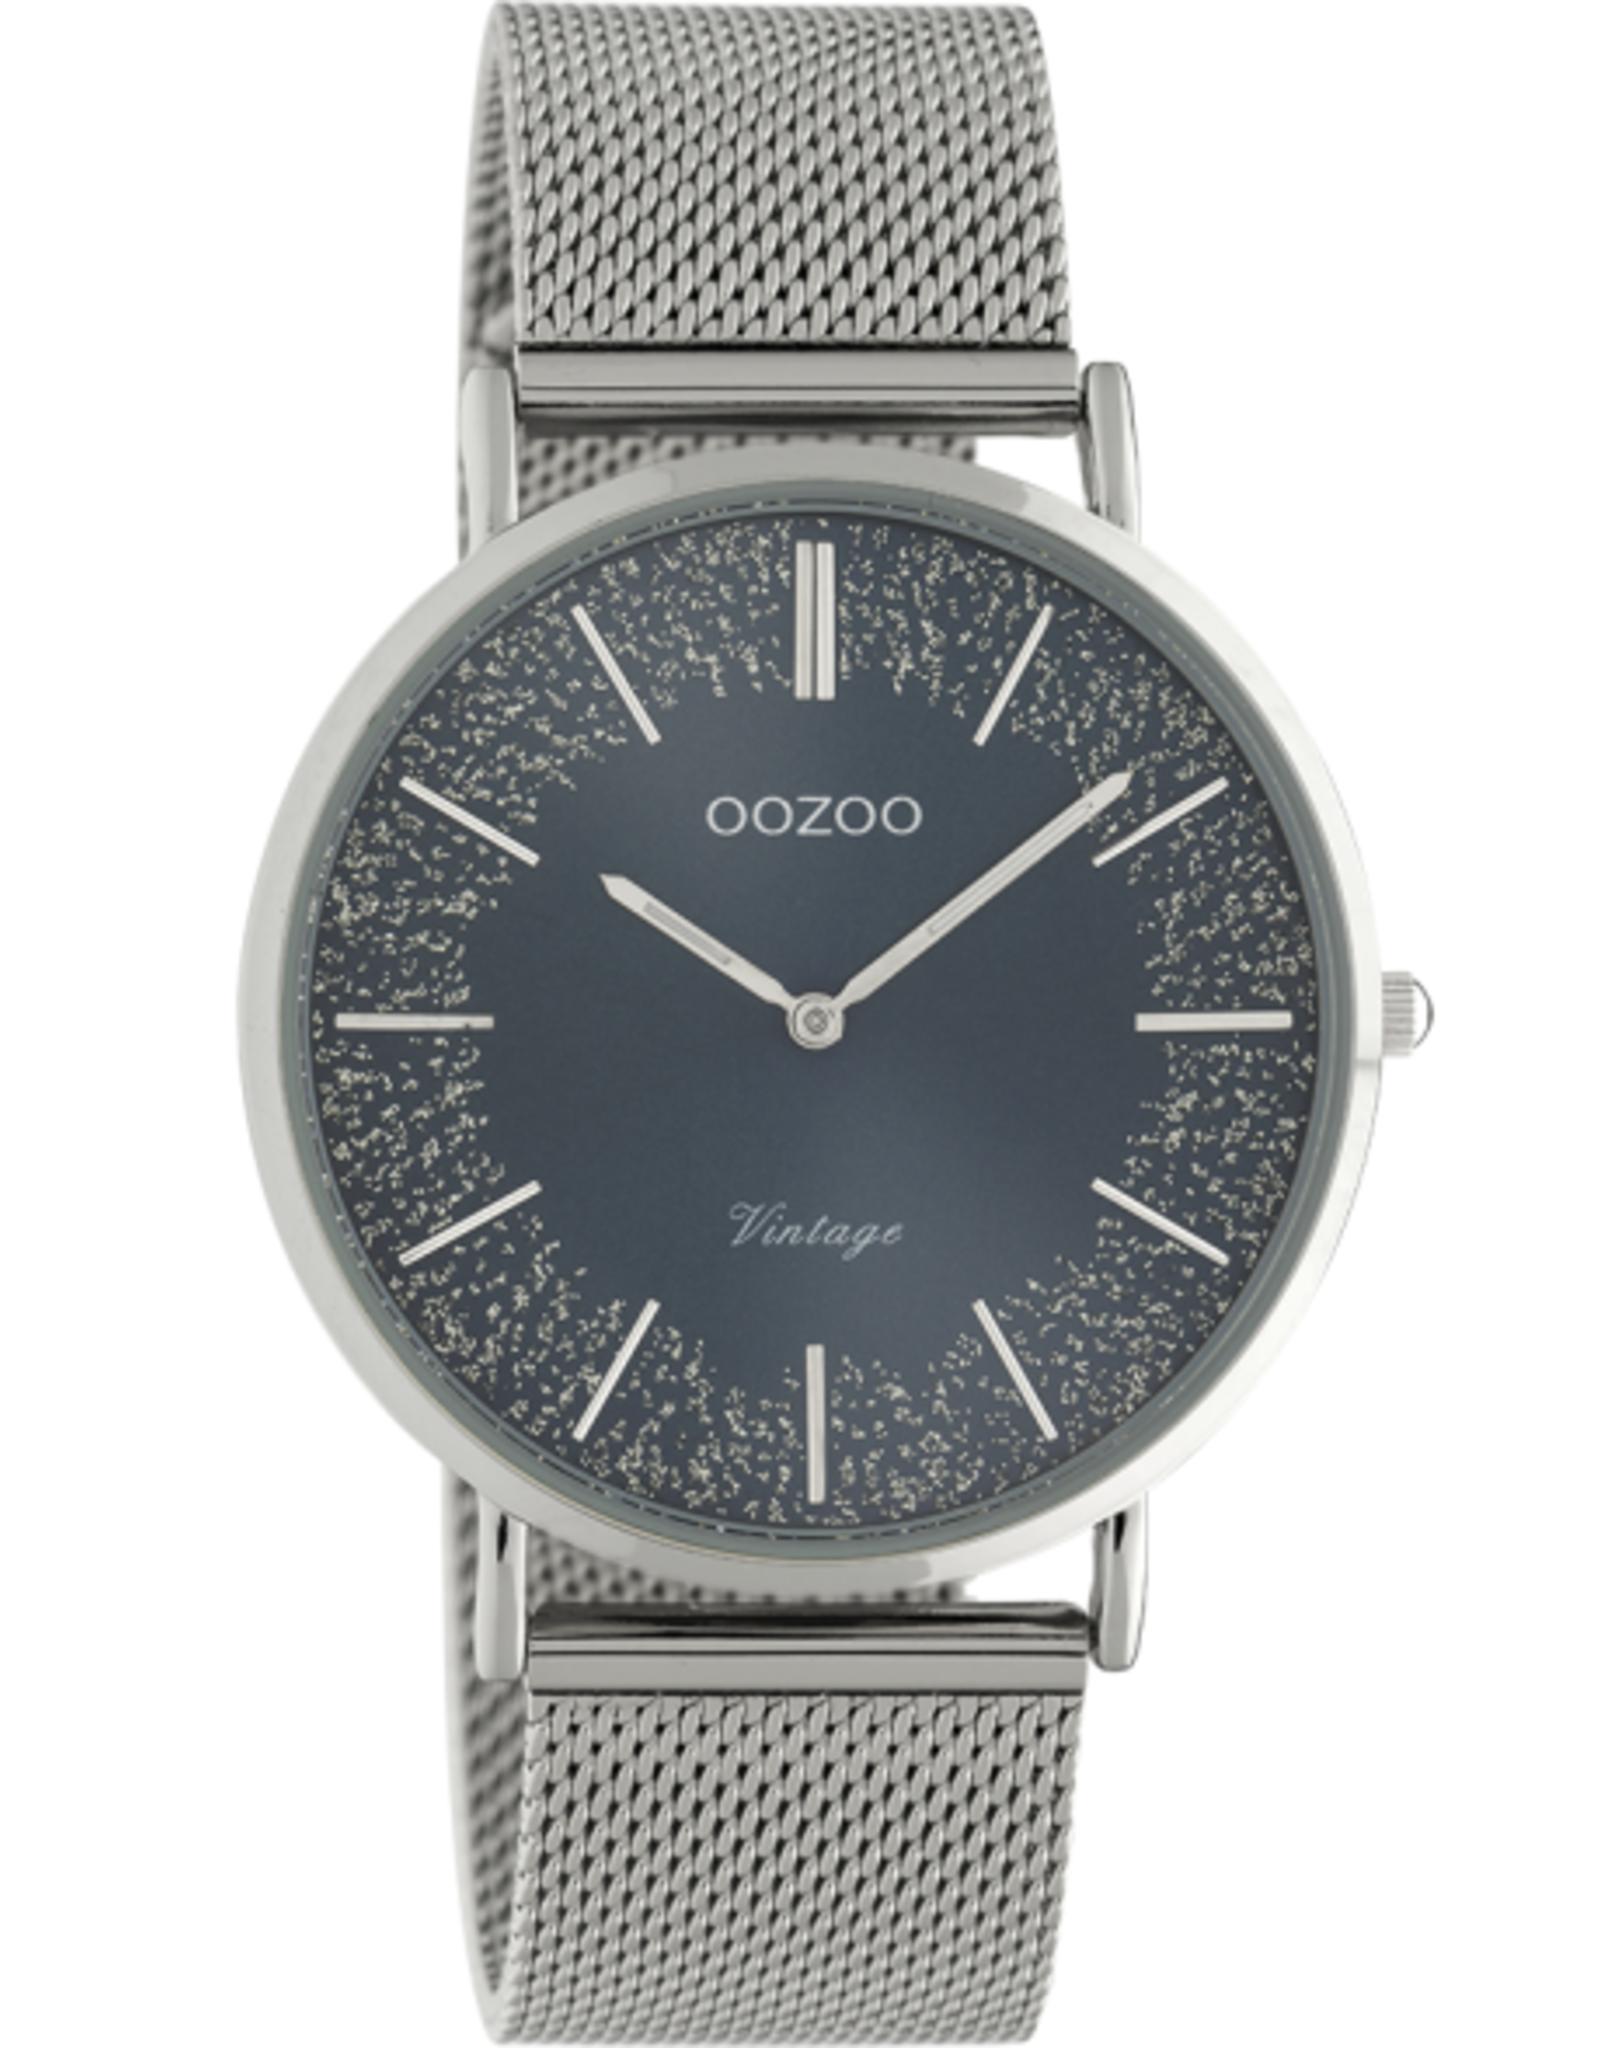 OOZOO Horloge Vintage C20134 zilver blauw 40mm - OOZOO